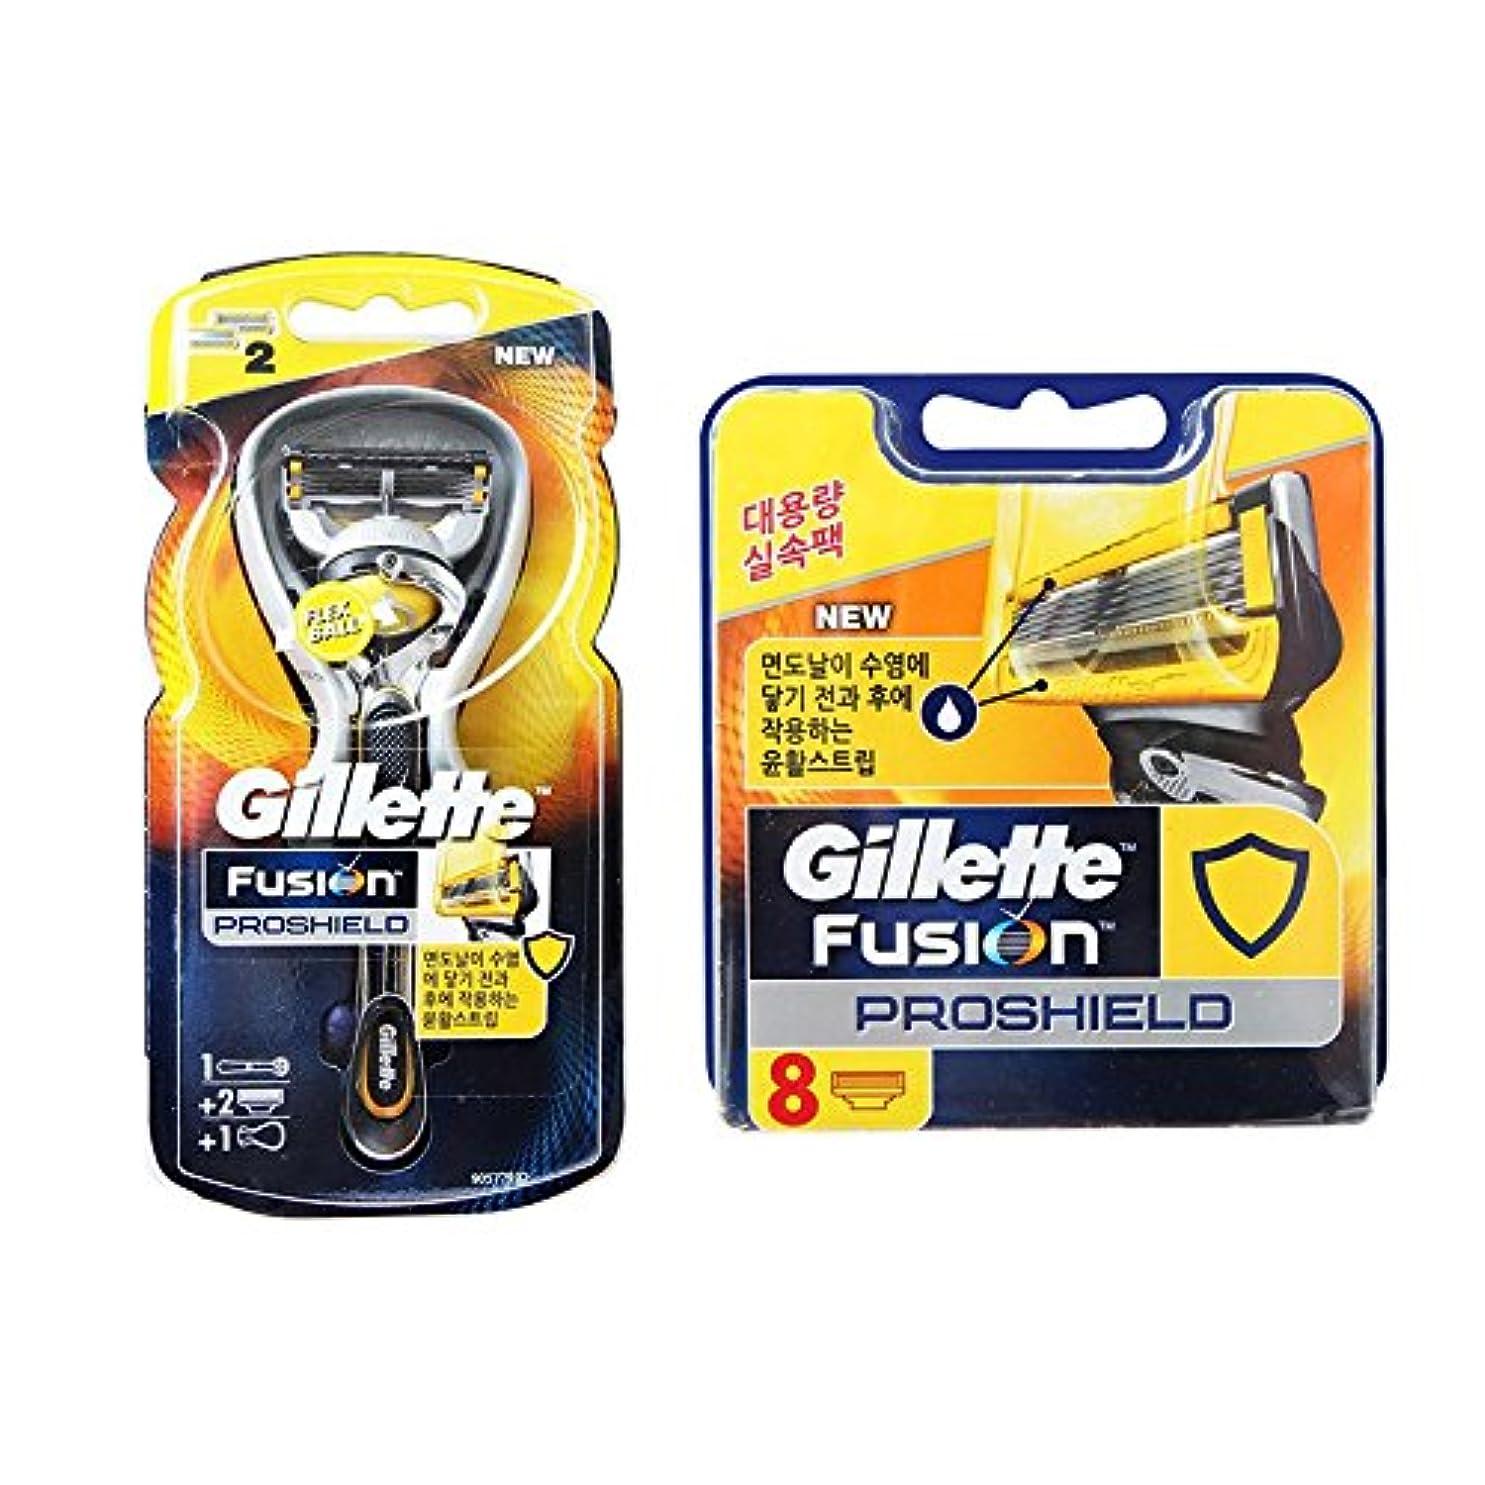 合意で閉塞Gillette Fusion Proshield Yellow 1本の剃刀と10本の剃刀刃 [並行輸入品]